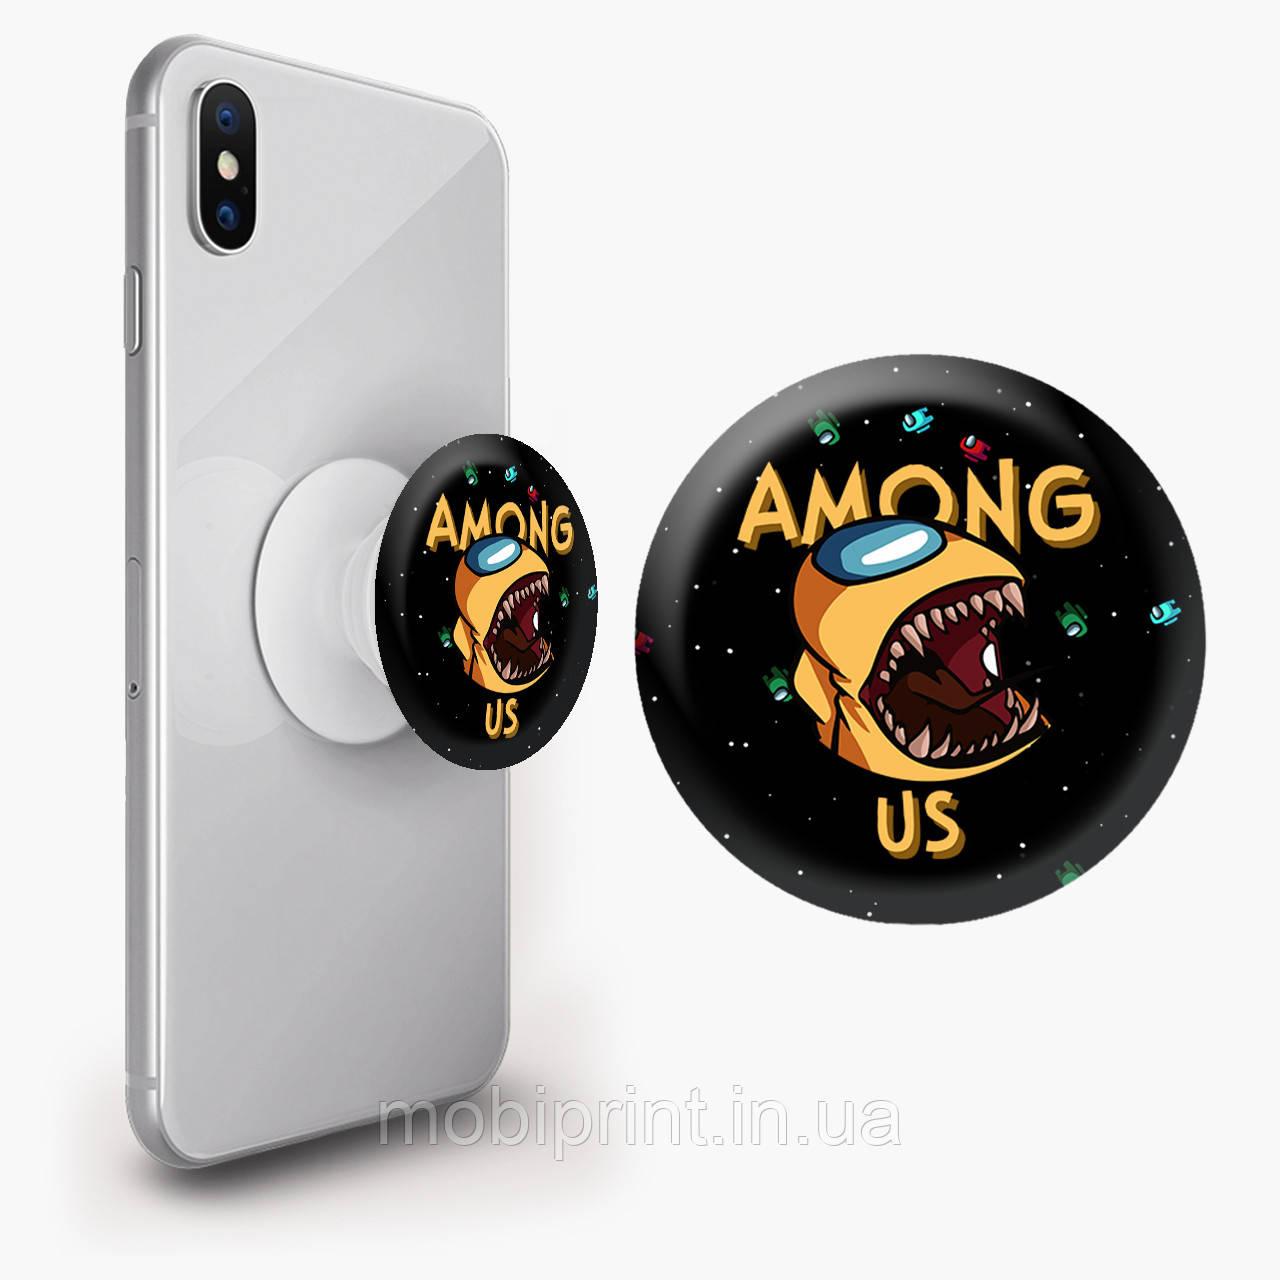 Попсокет (Popsockets) держатель для смартфона Амонг Ас Желтый (Among Us Yellow)  (8754-2409)